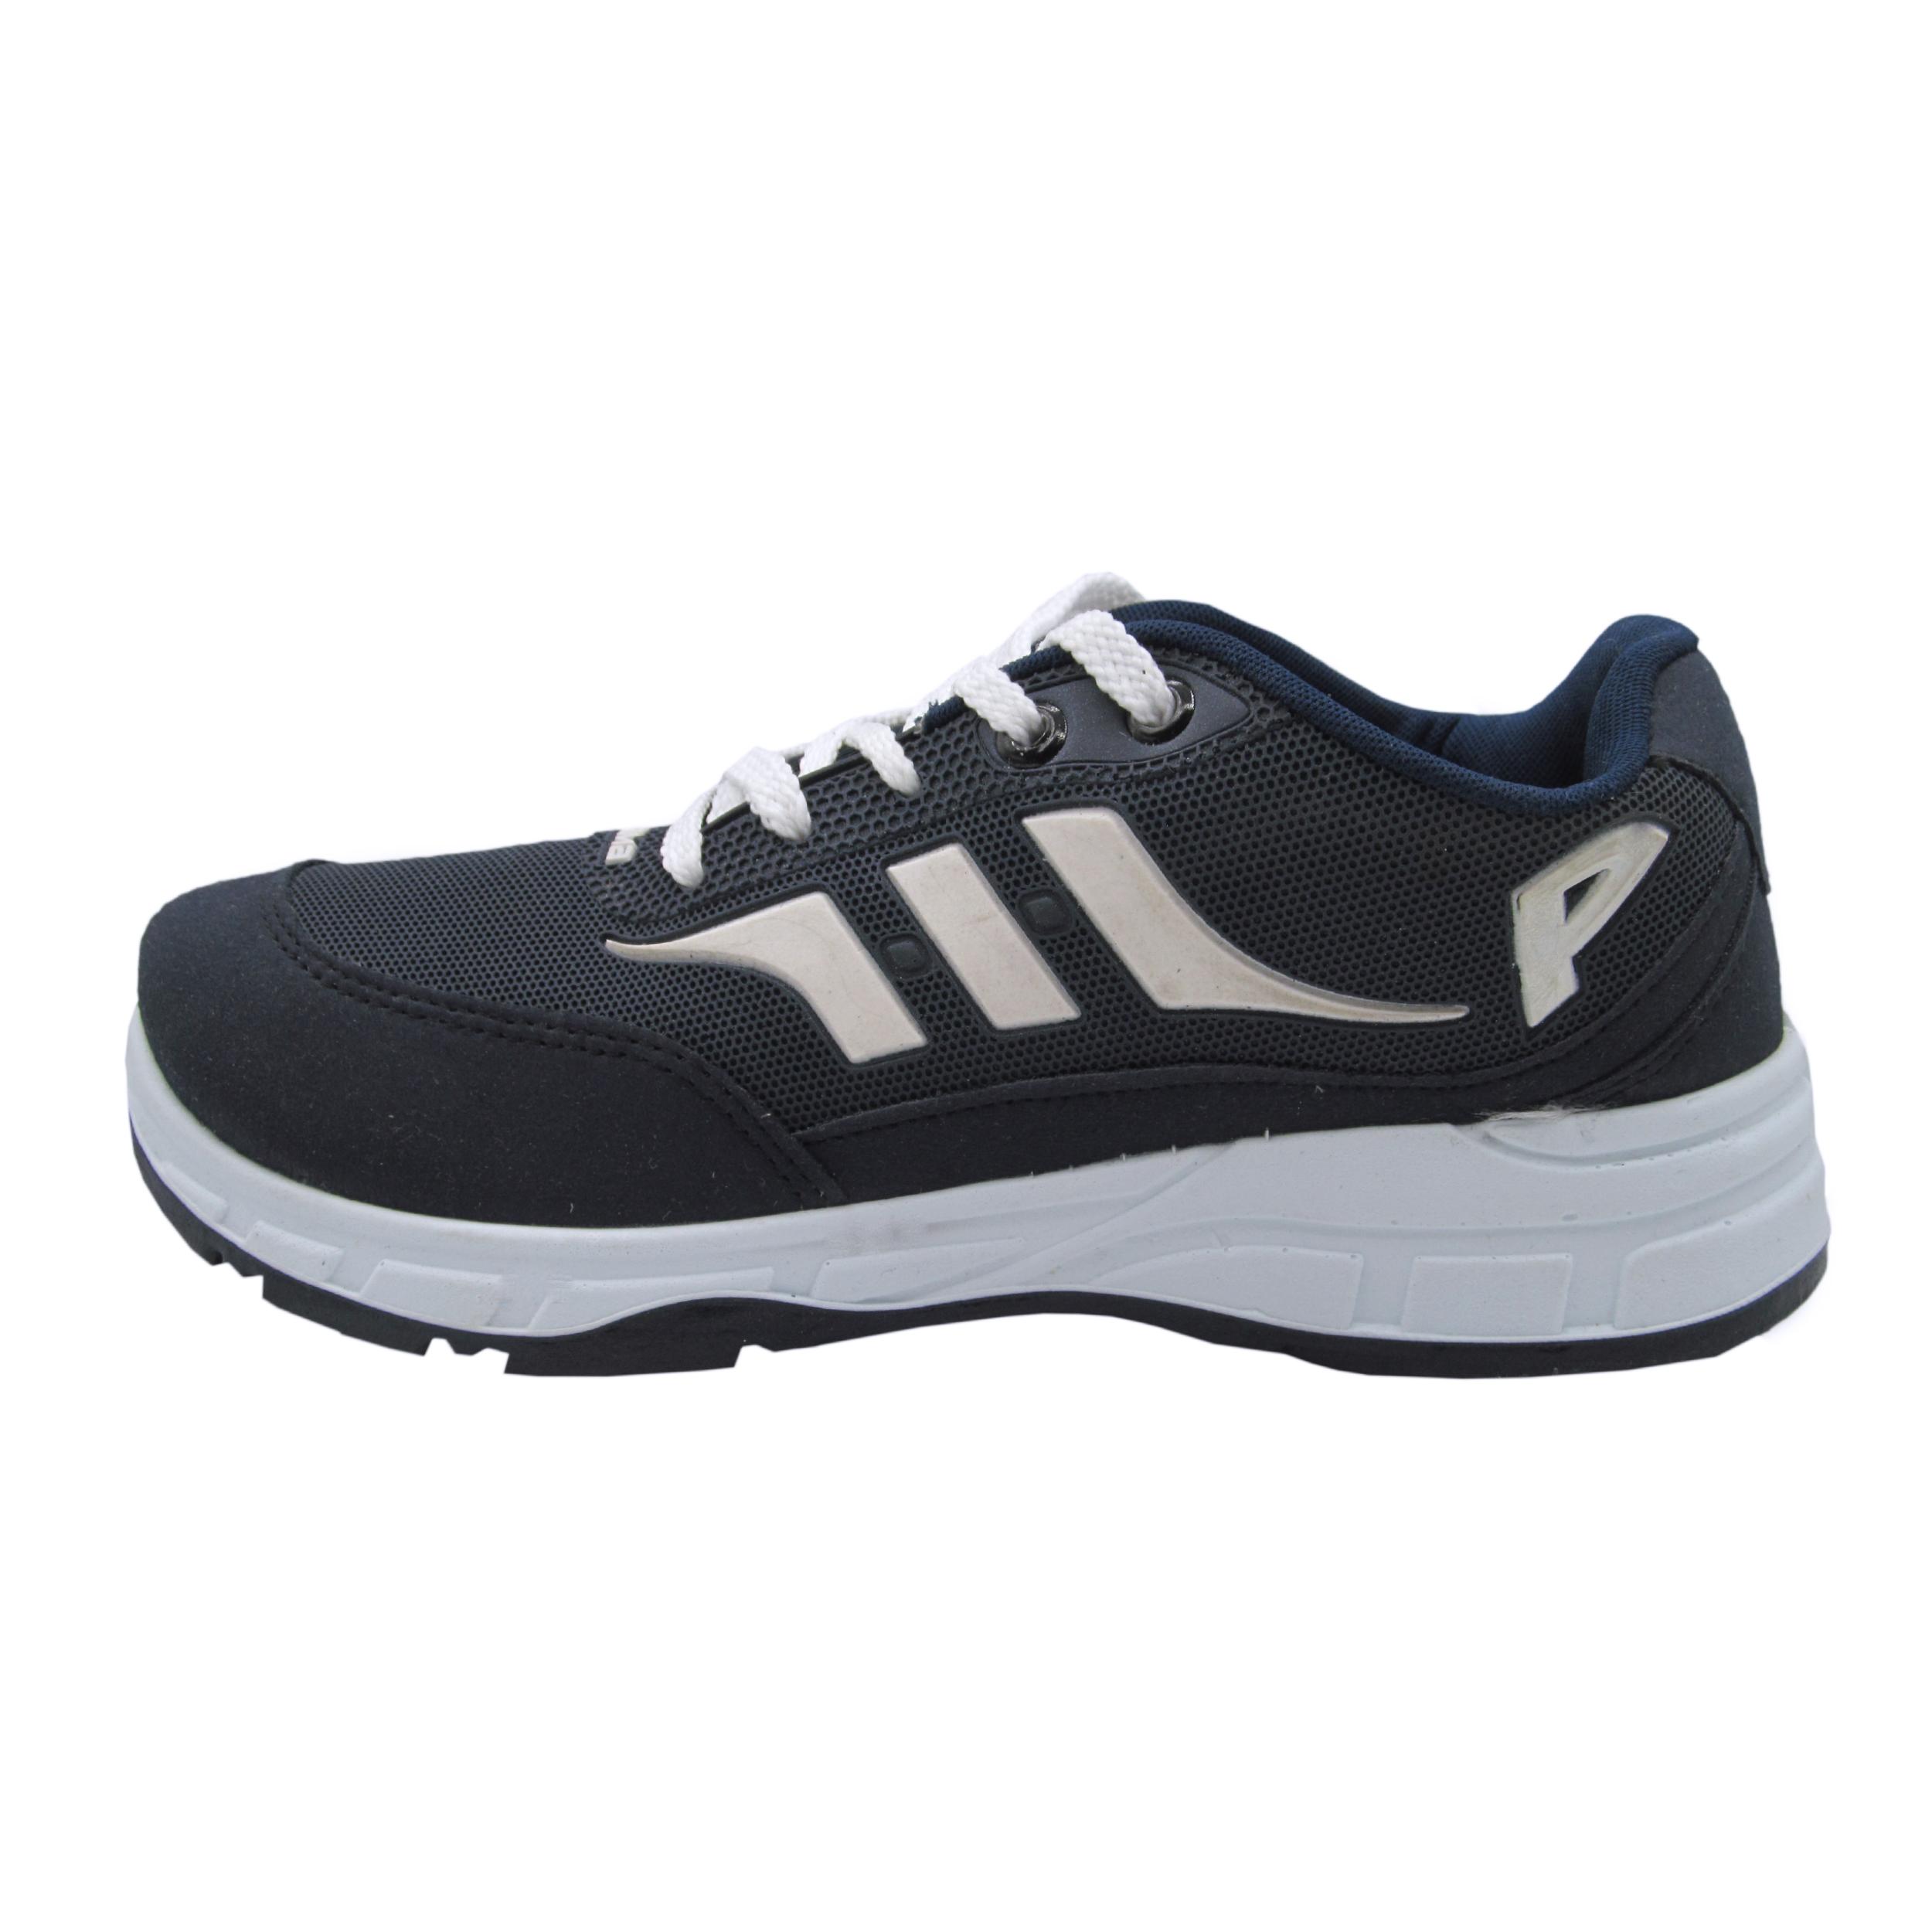 کفش مخصوص پیاده روی پاما کد 367AB